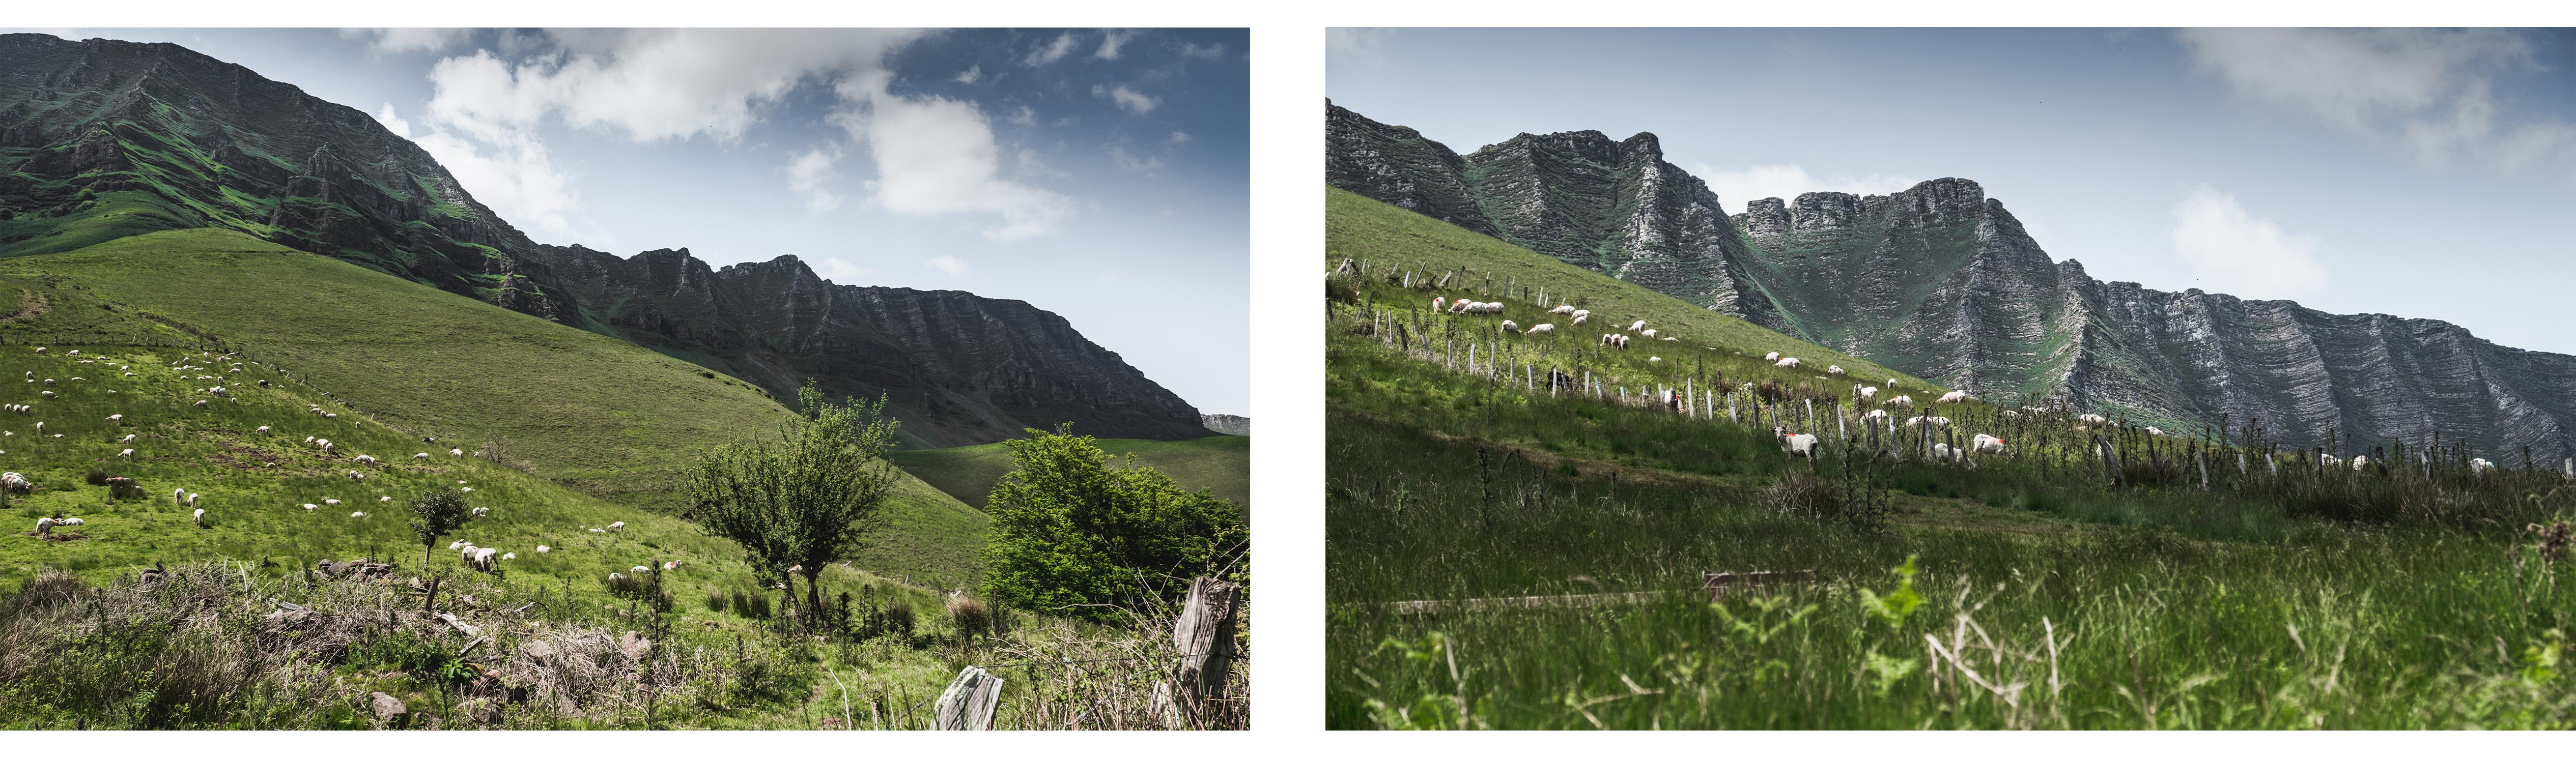 Randonnée au Pays Basque - Les crêtes d'Iparla-paysage